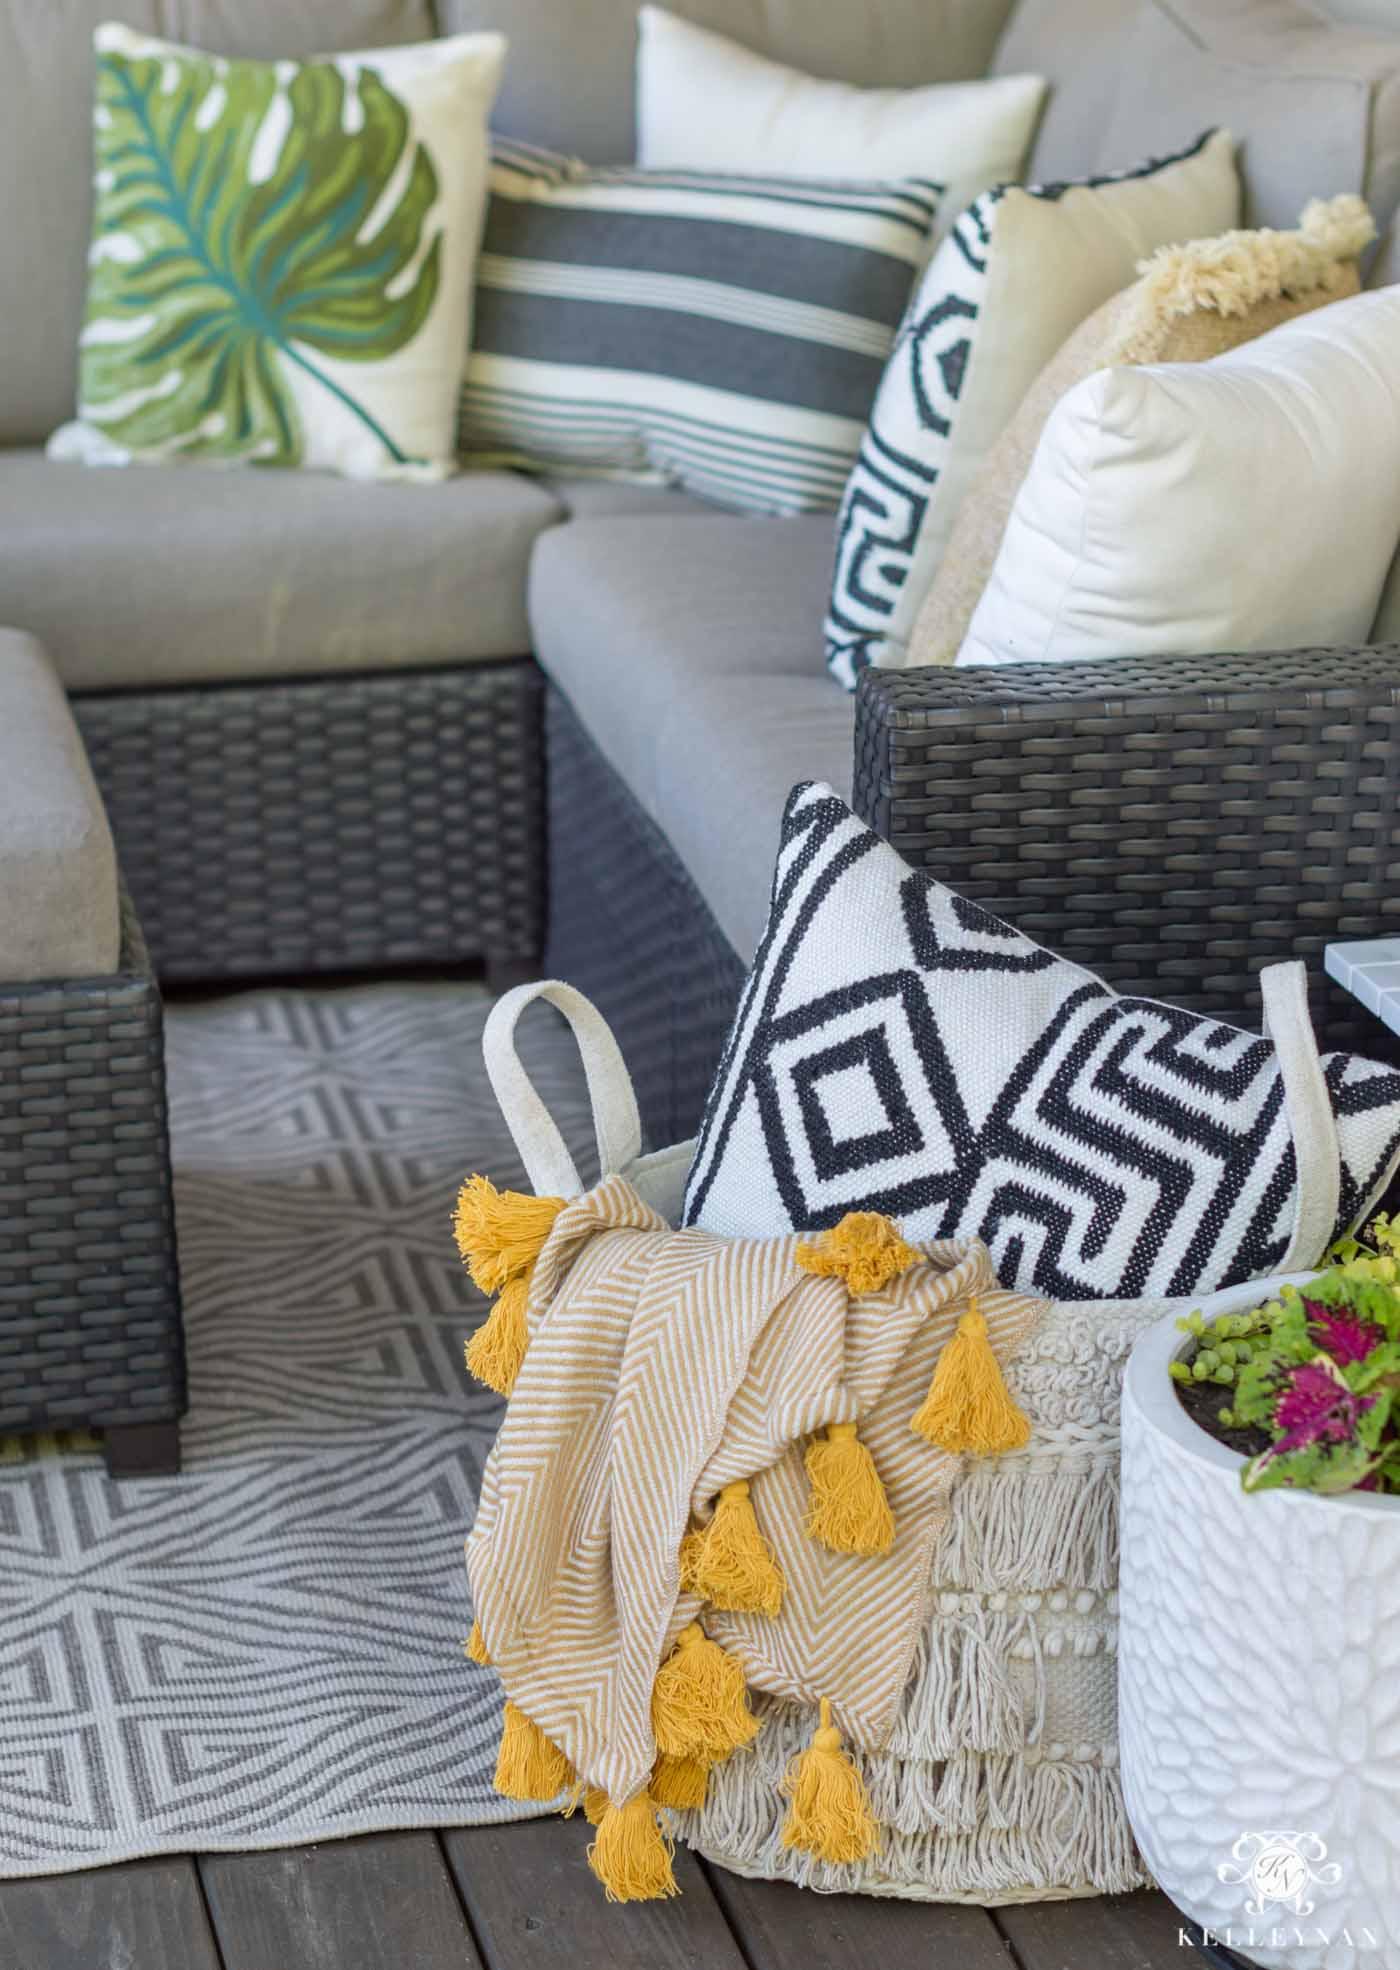 Boho outdoor living decor